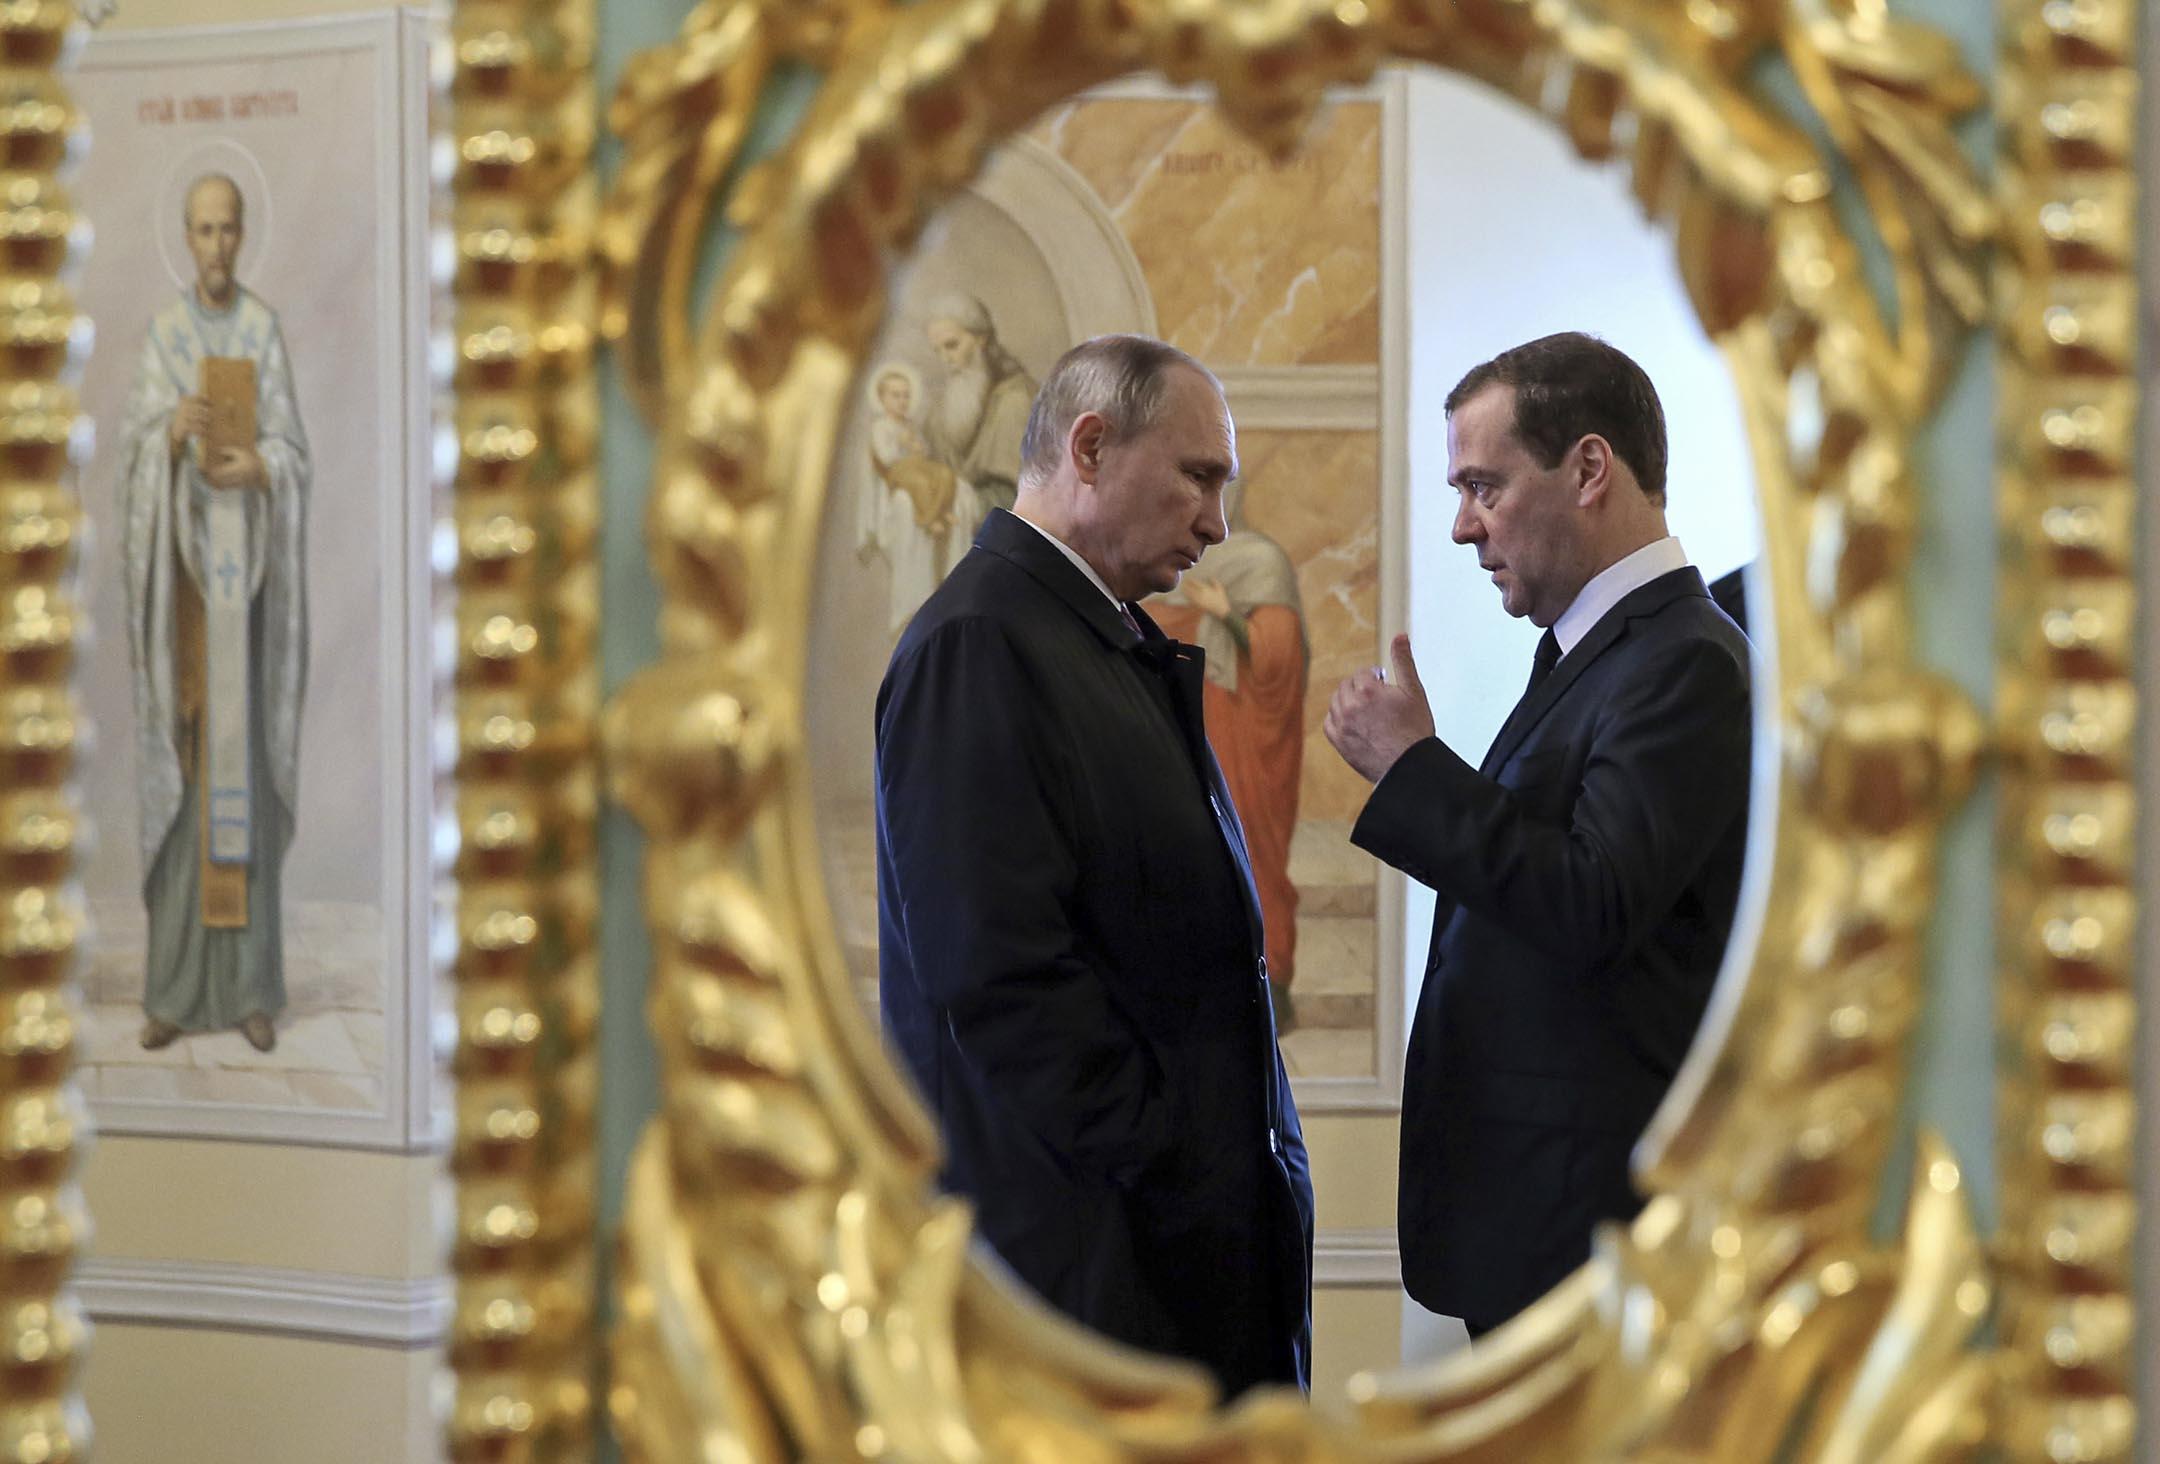 2017年11月15日,俄羅斯總統普京和總理梅德韋傑夫參觀位於莫斯科外約70公里的一間東正教修道院。 攝:Yekaterina Shtukina/AFP via Getty Images